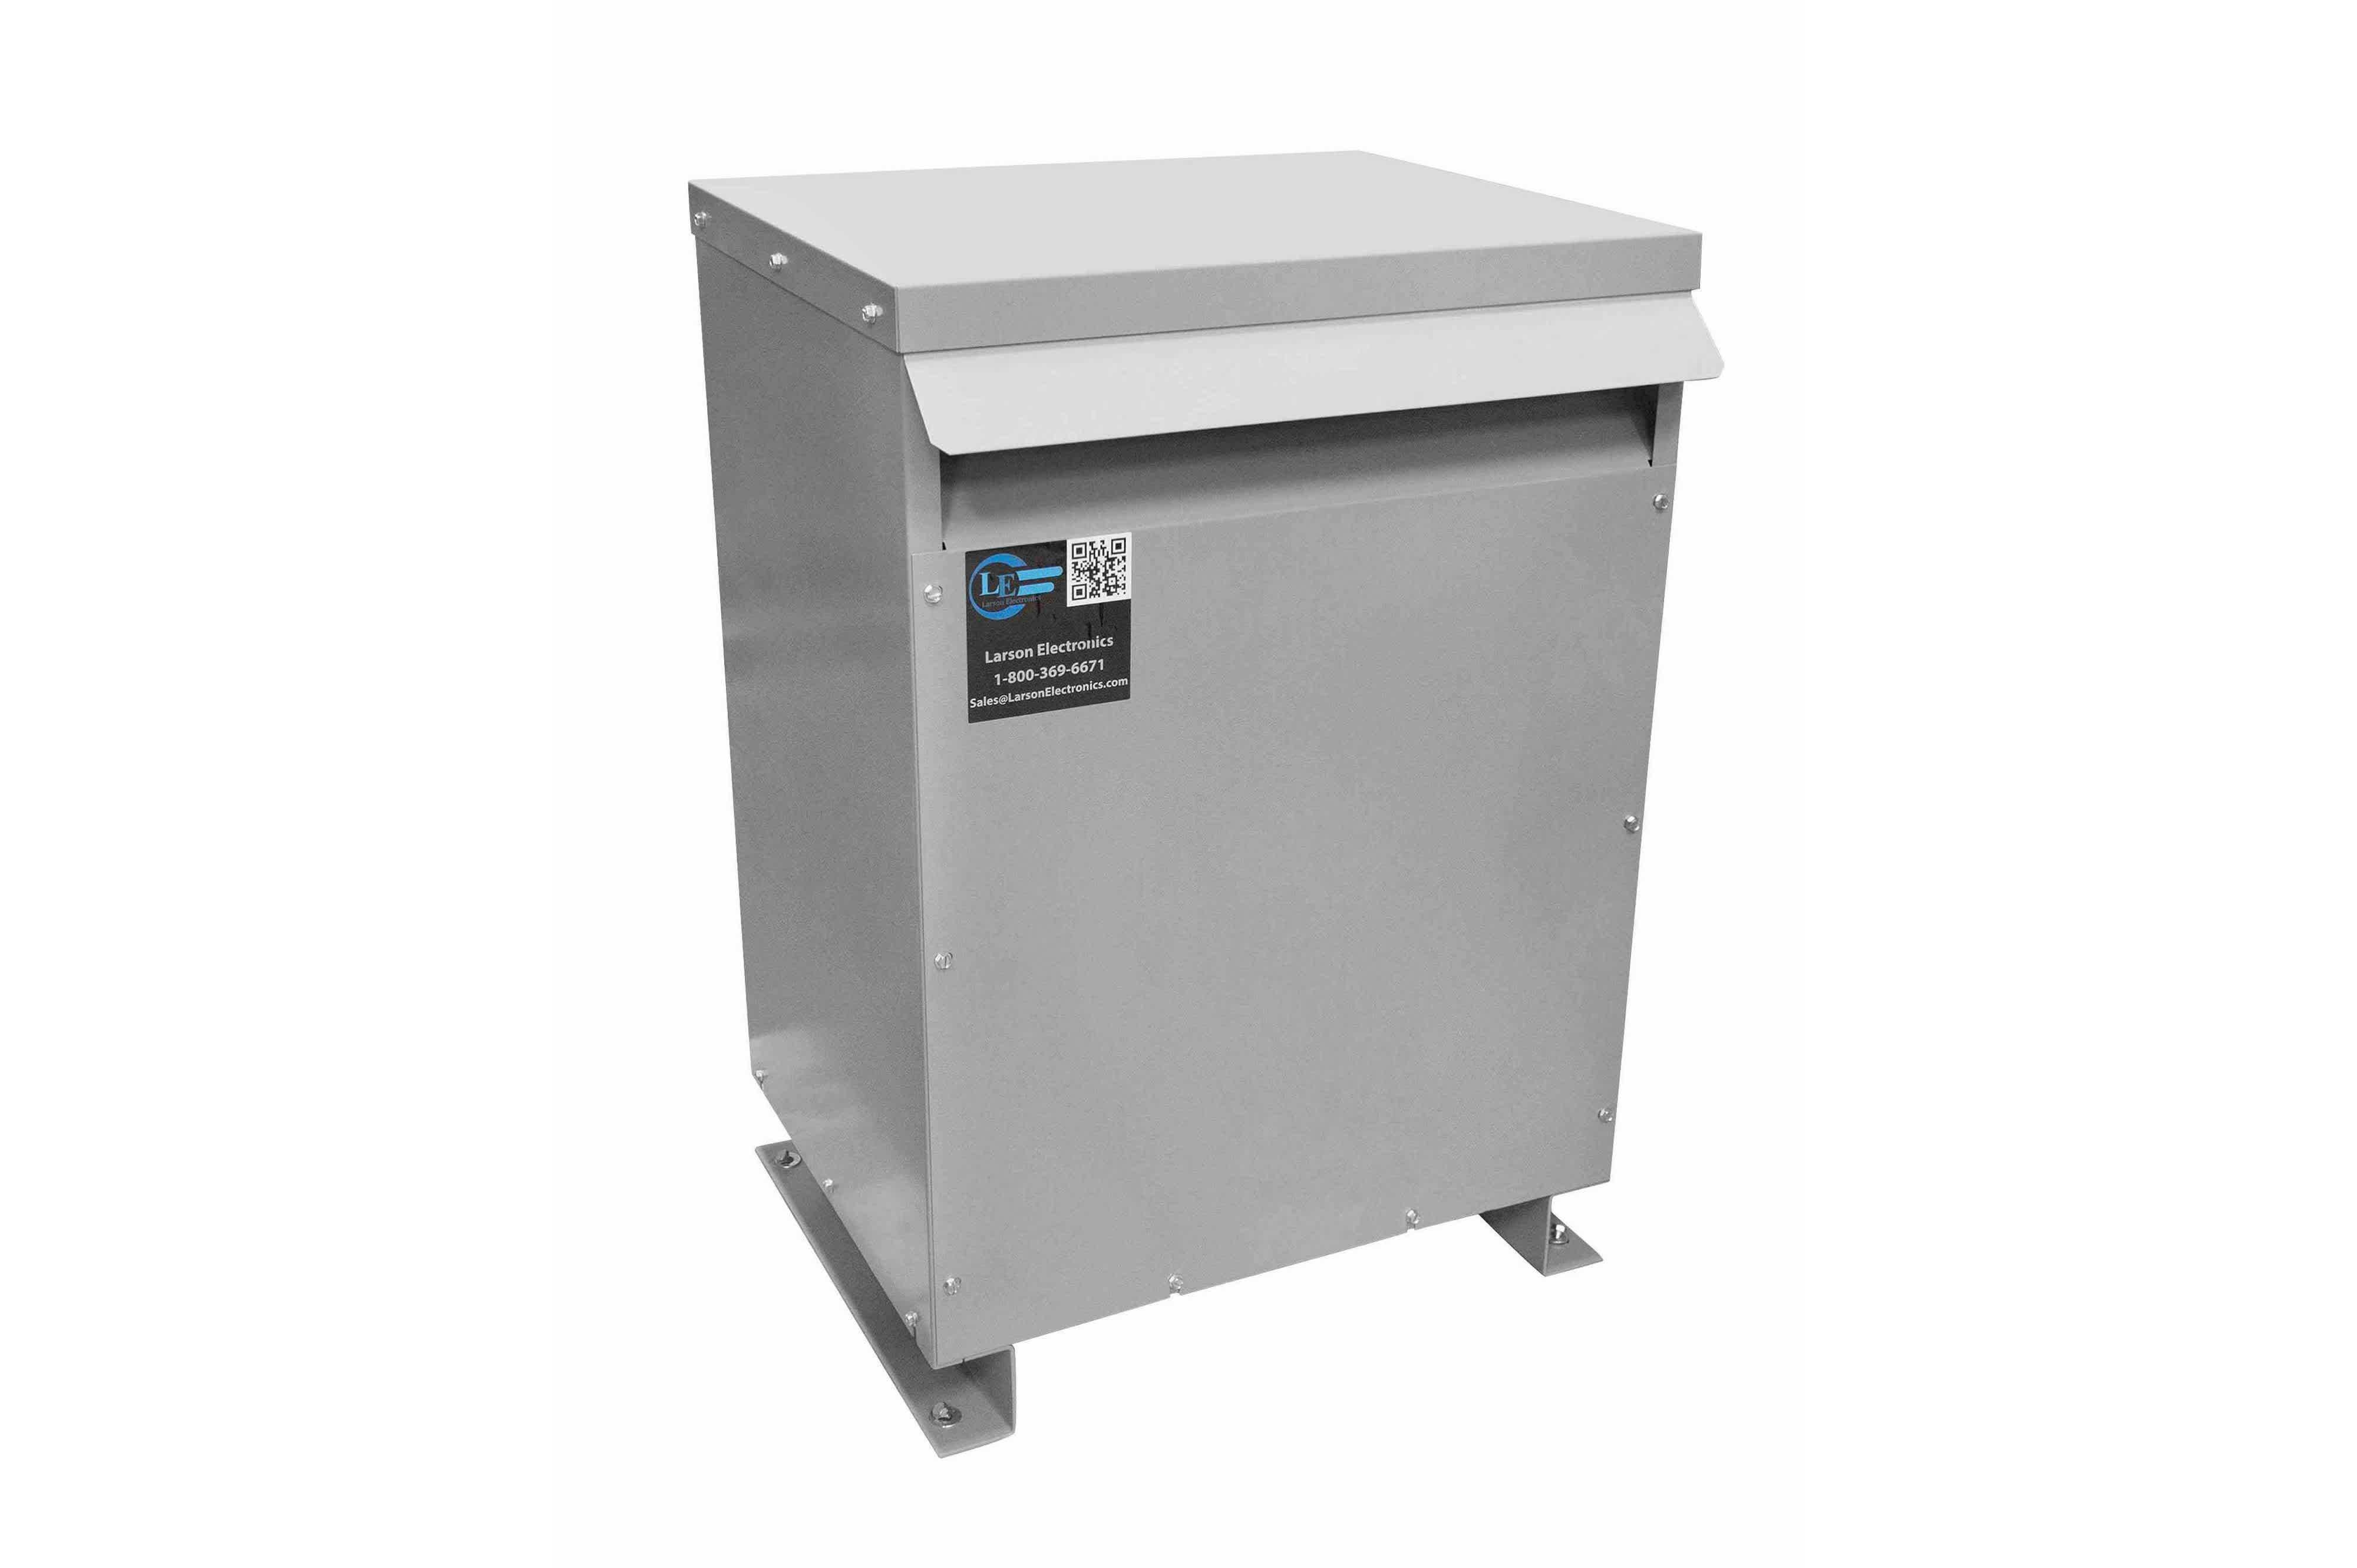 800 kVA 3PH Isolation Transformer, 480V Delta Primary, 480V Delta Secondary, N3R, Ventilated, 60 Hz